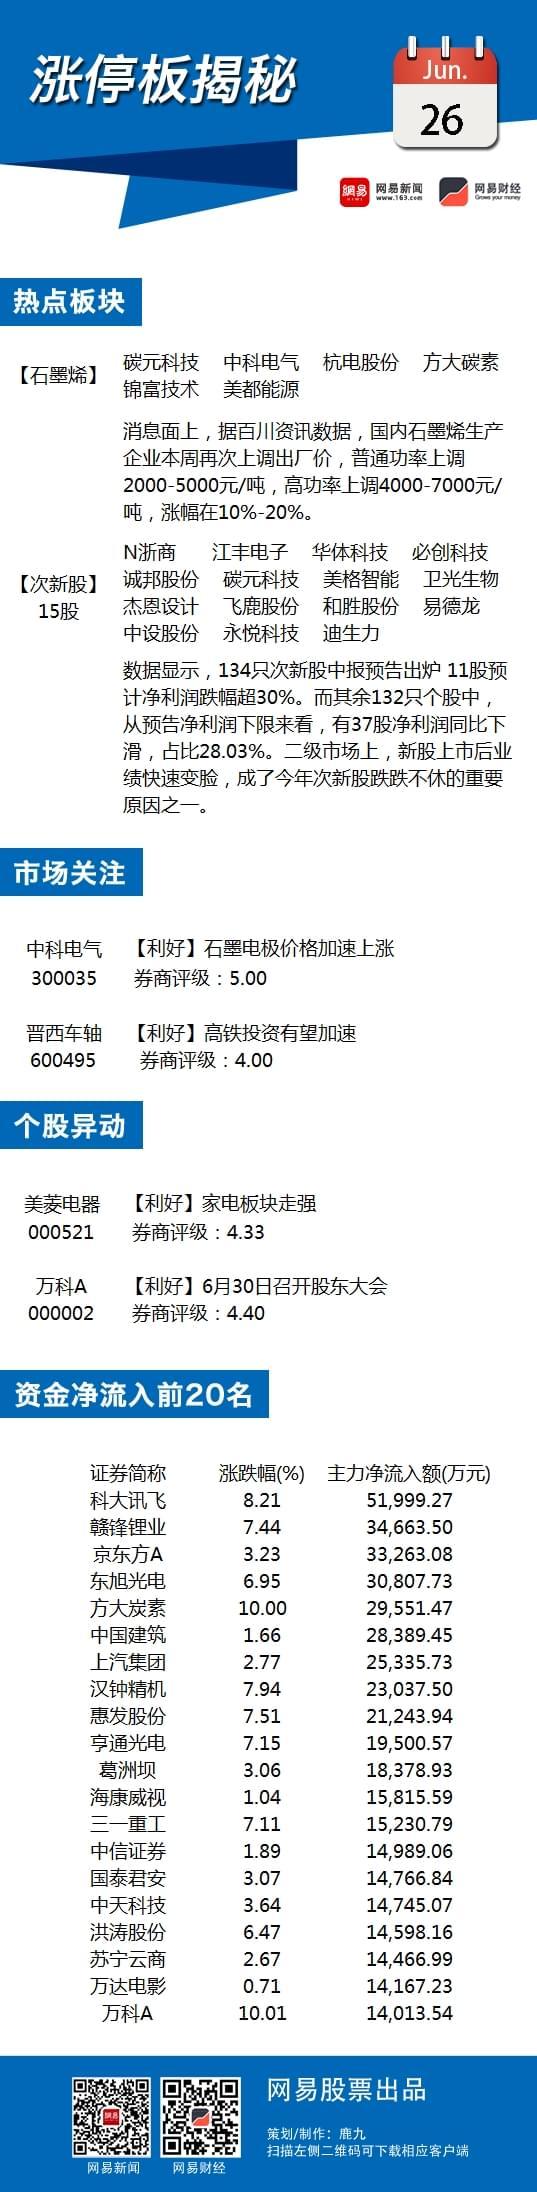 6月26日涨停板揭秘:石墨烯概念掀涨停潮